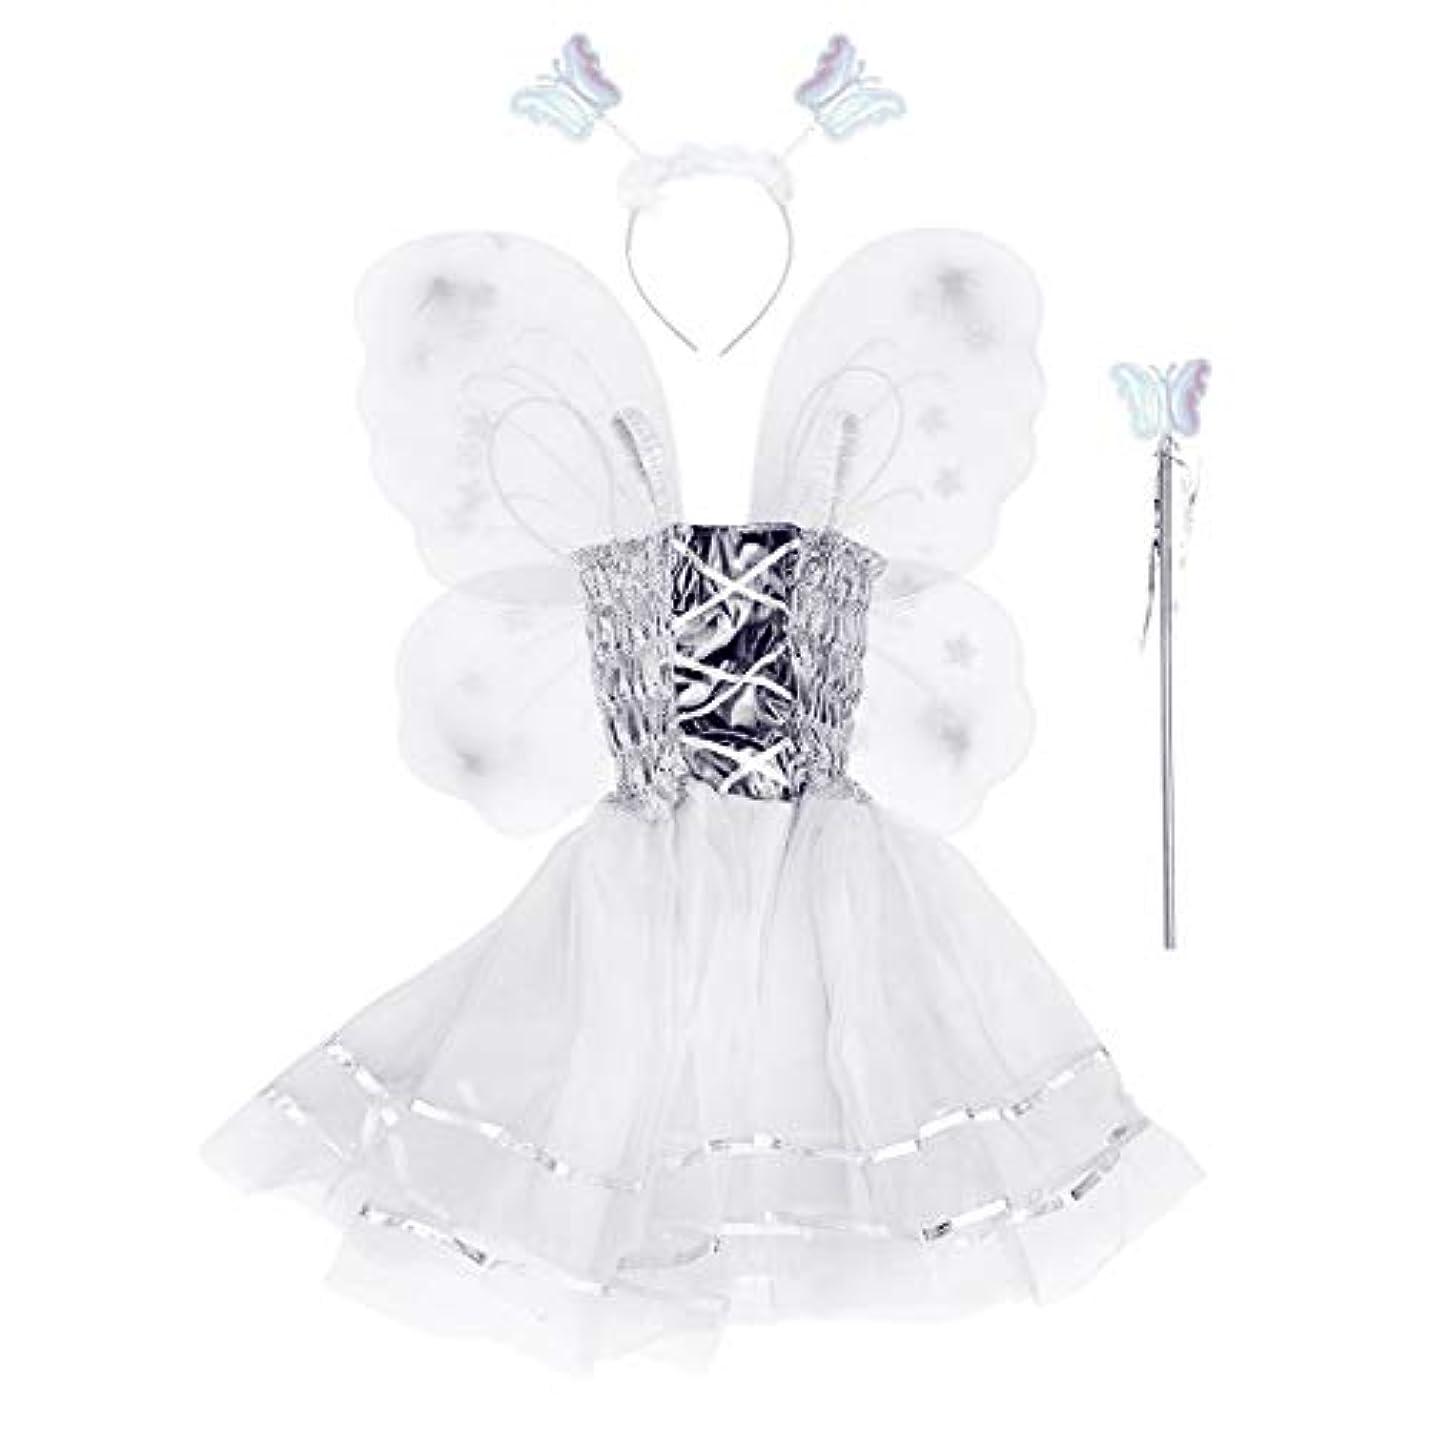 甘美なおもちゃマイナーBESTOYARD 4本の女の子バタフライプリンセス妖精のコスチュームセット蝶の羽、ワンド、ヘッドバンドとツツードレス(ホワイト)